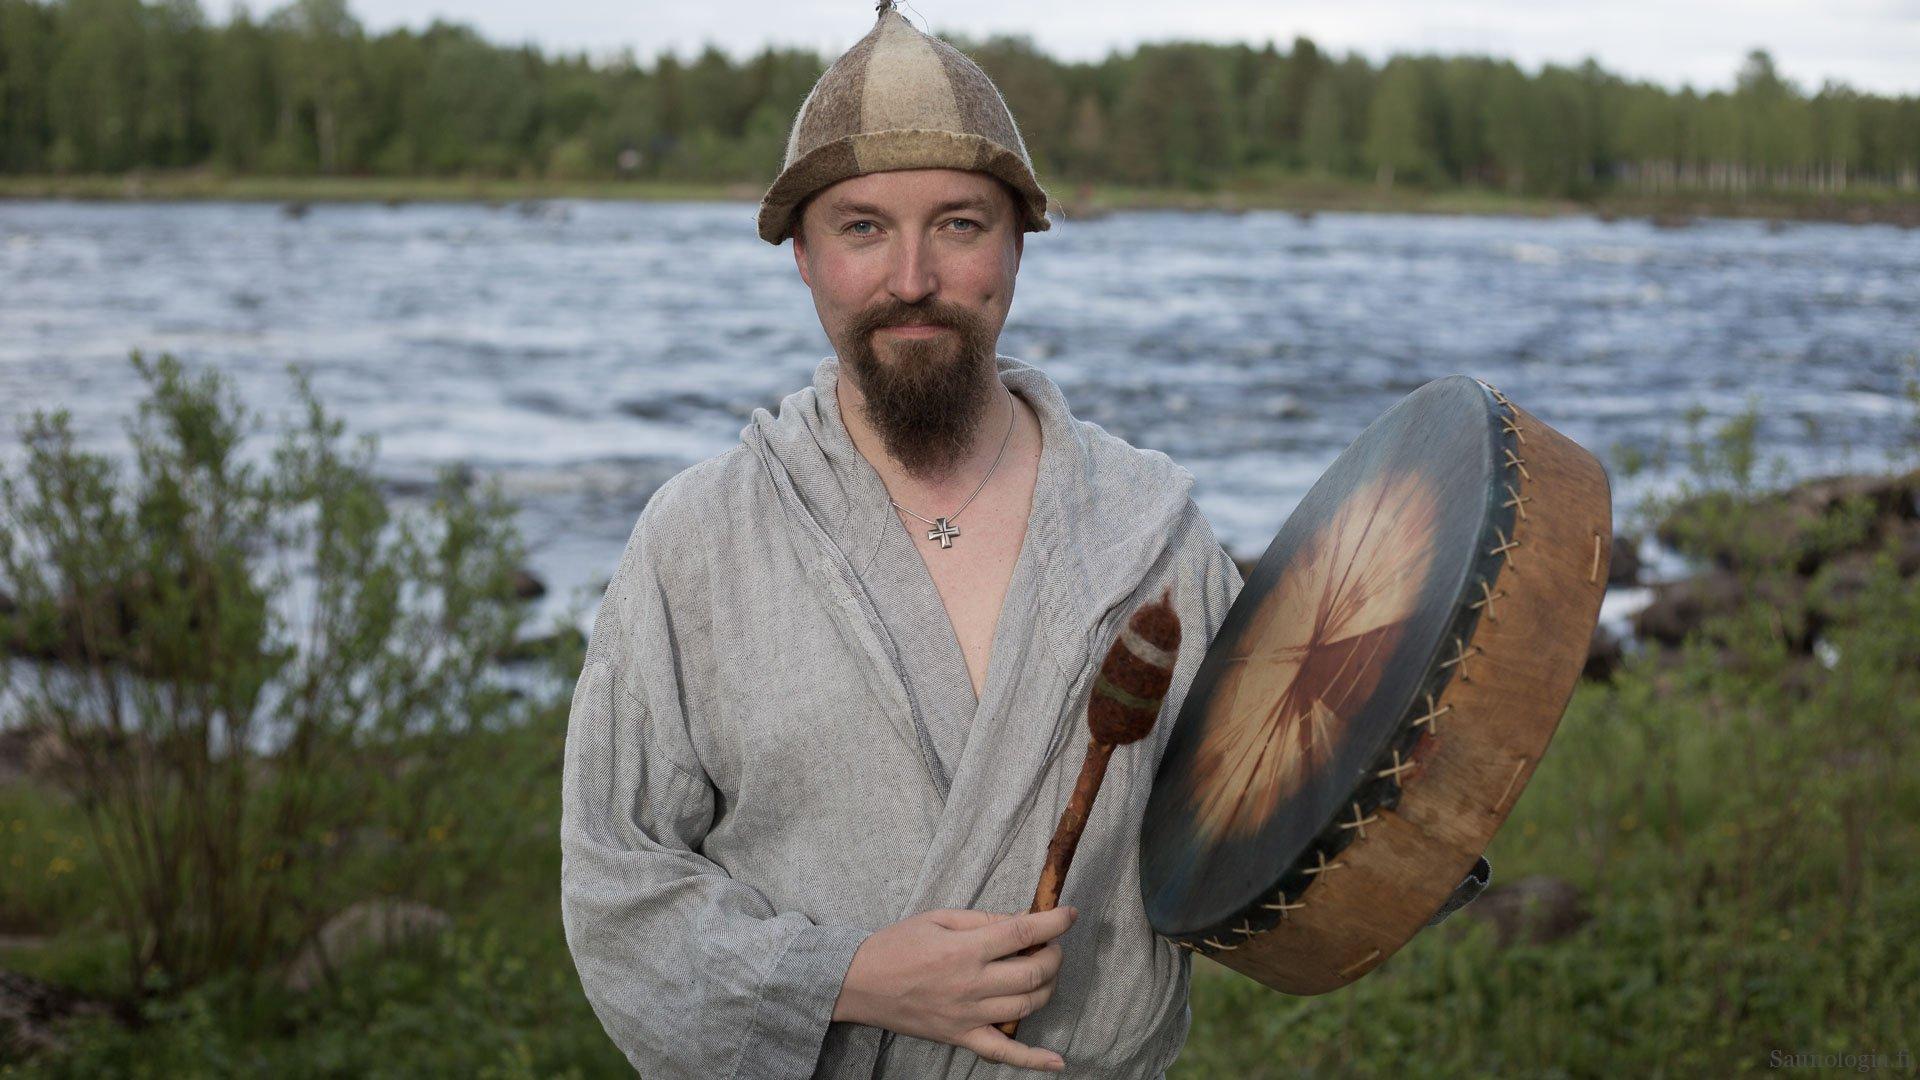 180608-isc2018-finnish-shaman-0131